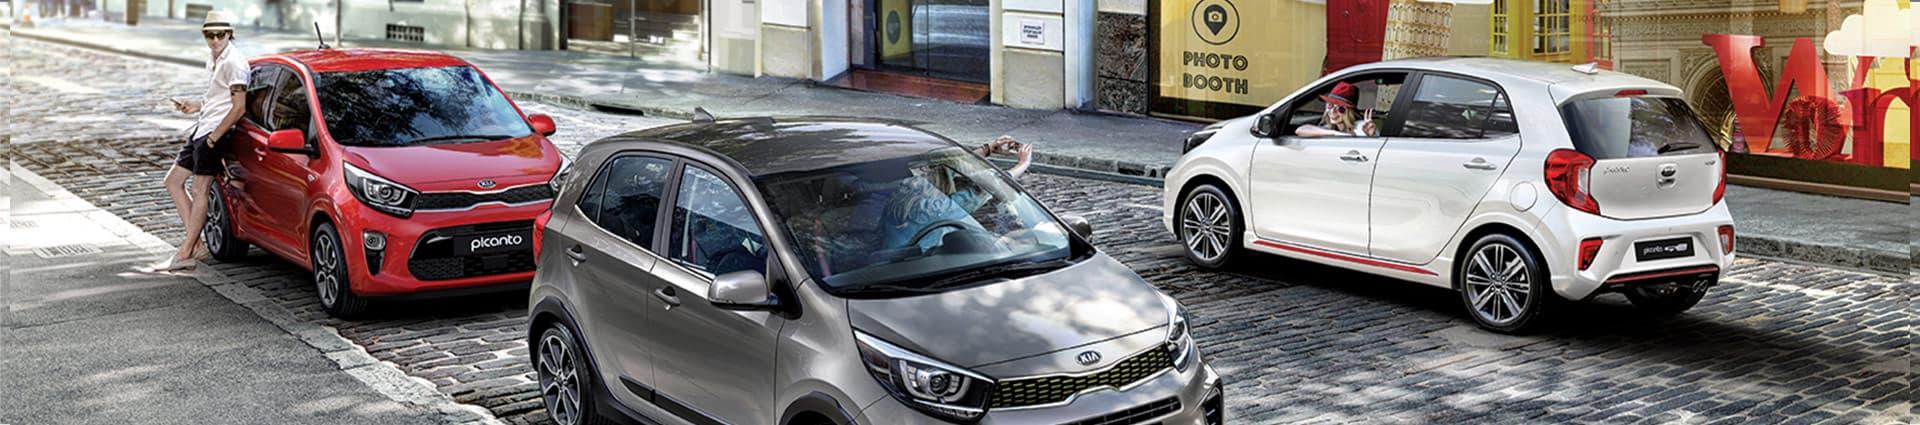 Mise en situation de la voiture Kia Picanto en centre ville